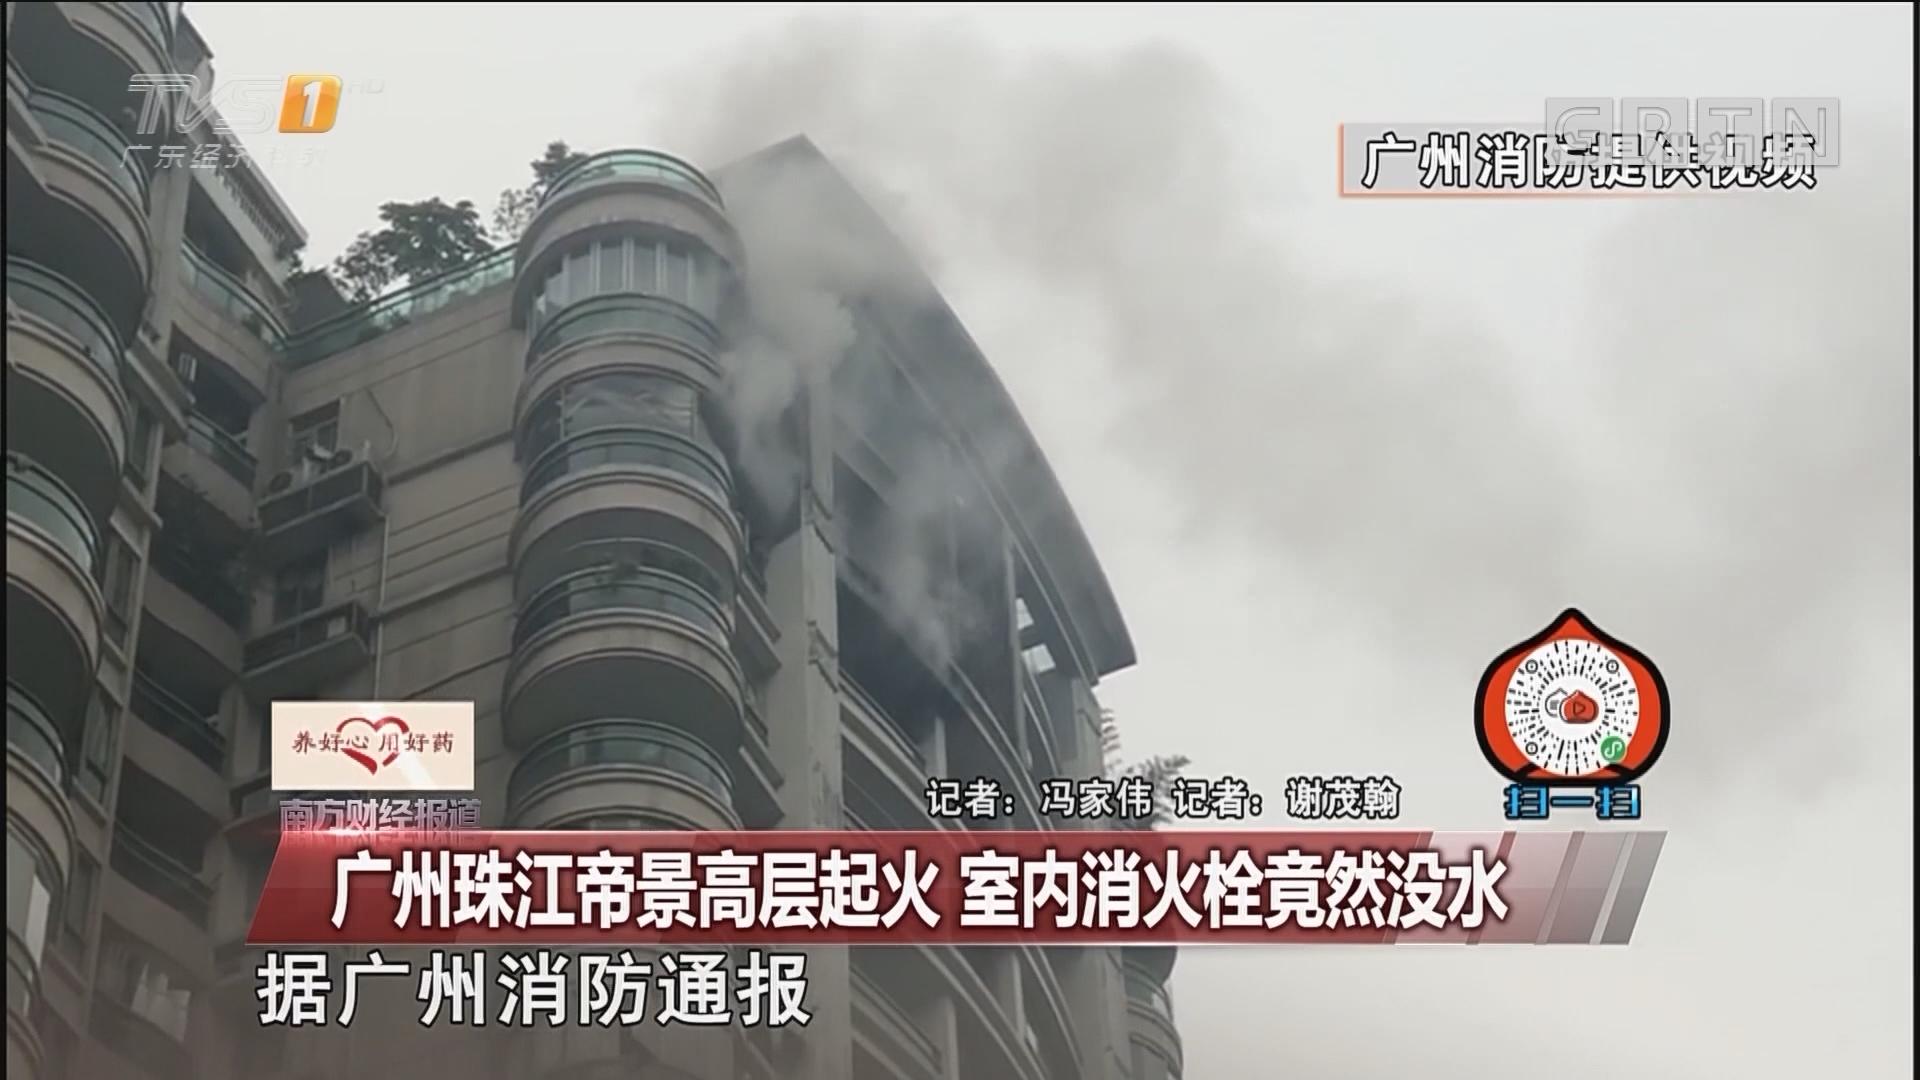 广州珠江帝景高层起火 室内消火栓竟然没水